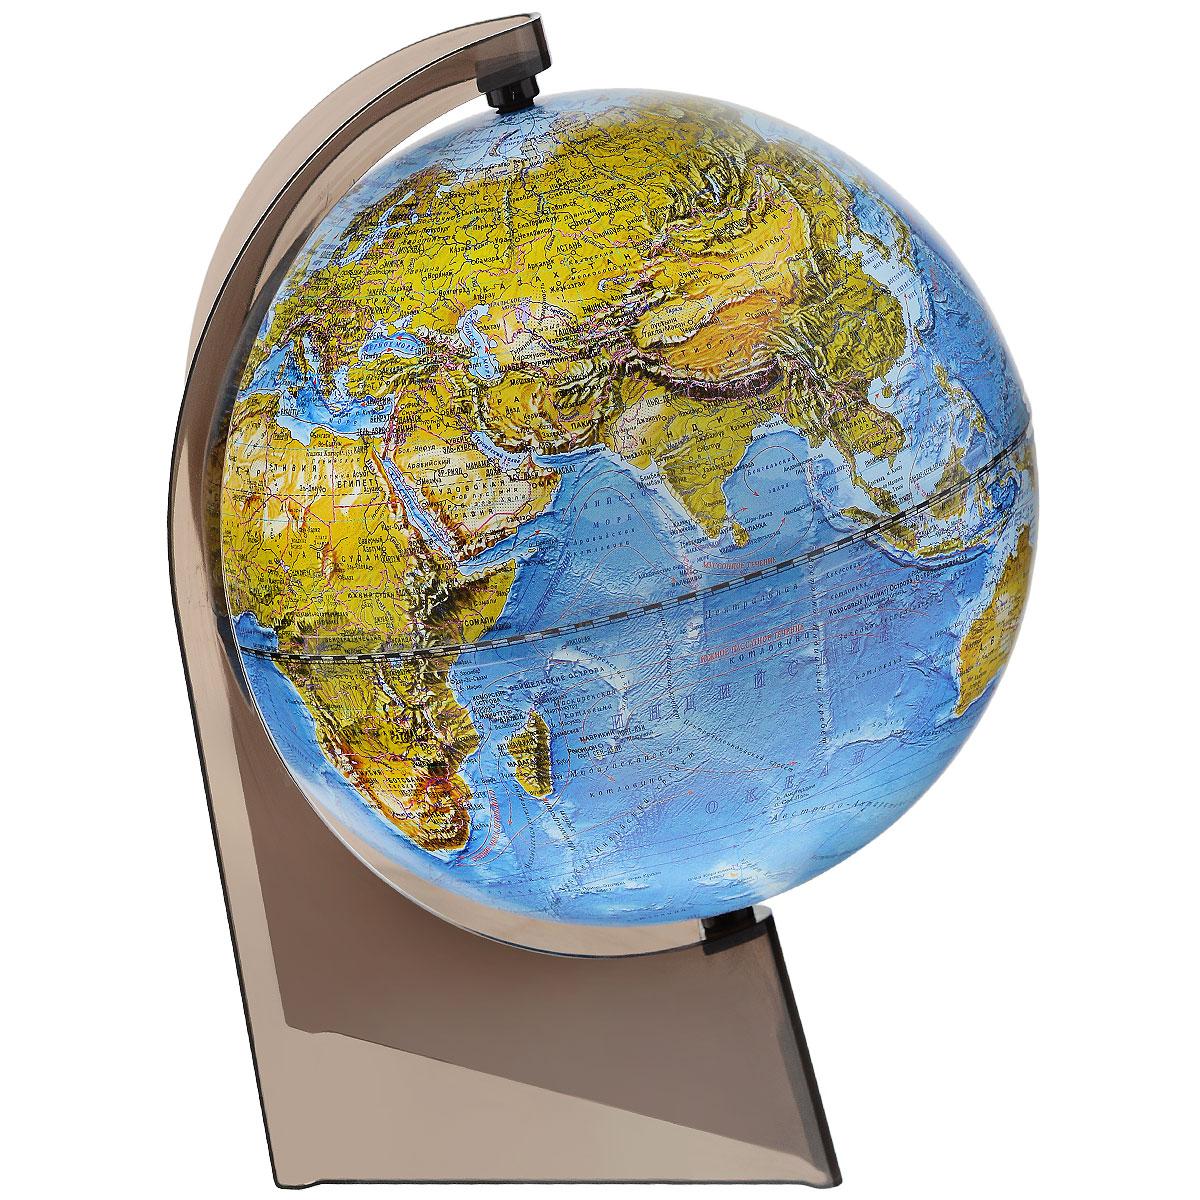 Глобусный мир Глобус ландшафтный диаметр 21 см10285Ландшафтный глобус Глобусный мир, изготовленный из высококачественного прочного пластика. Данная модель предназначена для ознакомления с особенностями ландшафта нашей планеты. Помимо этого ландшафтный глобус обладает приятной цветовой гаммой. Глобус дает представление о местоположении материков и океанов, на нем можно рассмотреть особенности ландшафта нашей планеты (рельефы местности, леса, горы, реки, моря, структуру дна океанов, рельеф суши), можно увидеть графическое изображение географических меридианов и параллелей, гидрографическая сеть, а также крупнейшие населенные пункты. Названия стран на глобусе приведены на русской язык. Настольный ландшафтный глобус Глобусный мир станет оригинальным украшением рабочего стола или вашего кабинета. Это изысканная вещь для стильного интерьера, которая станет прекрасным подарком для современного преуспевающего человека, следующего последним тенденциям моды и стремящегося к элегантности и комфорту в каждой детали....